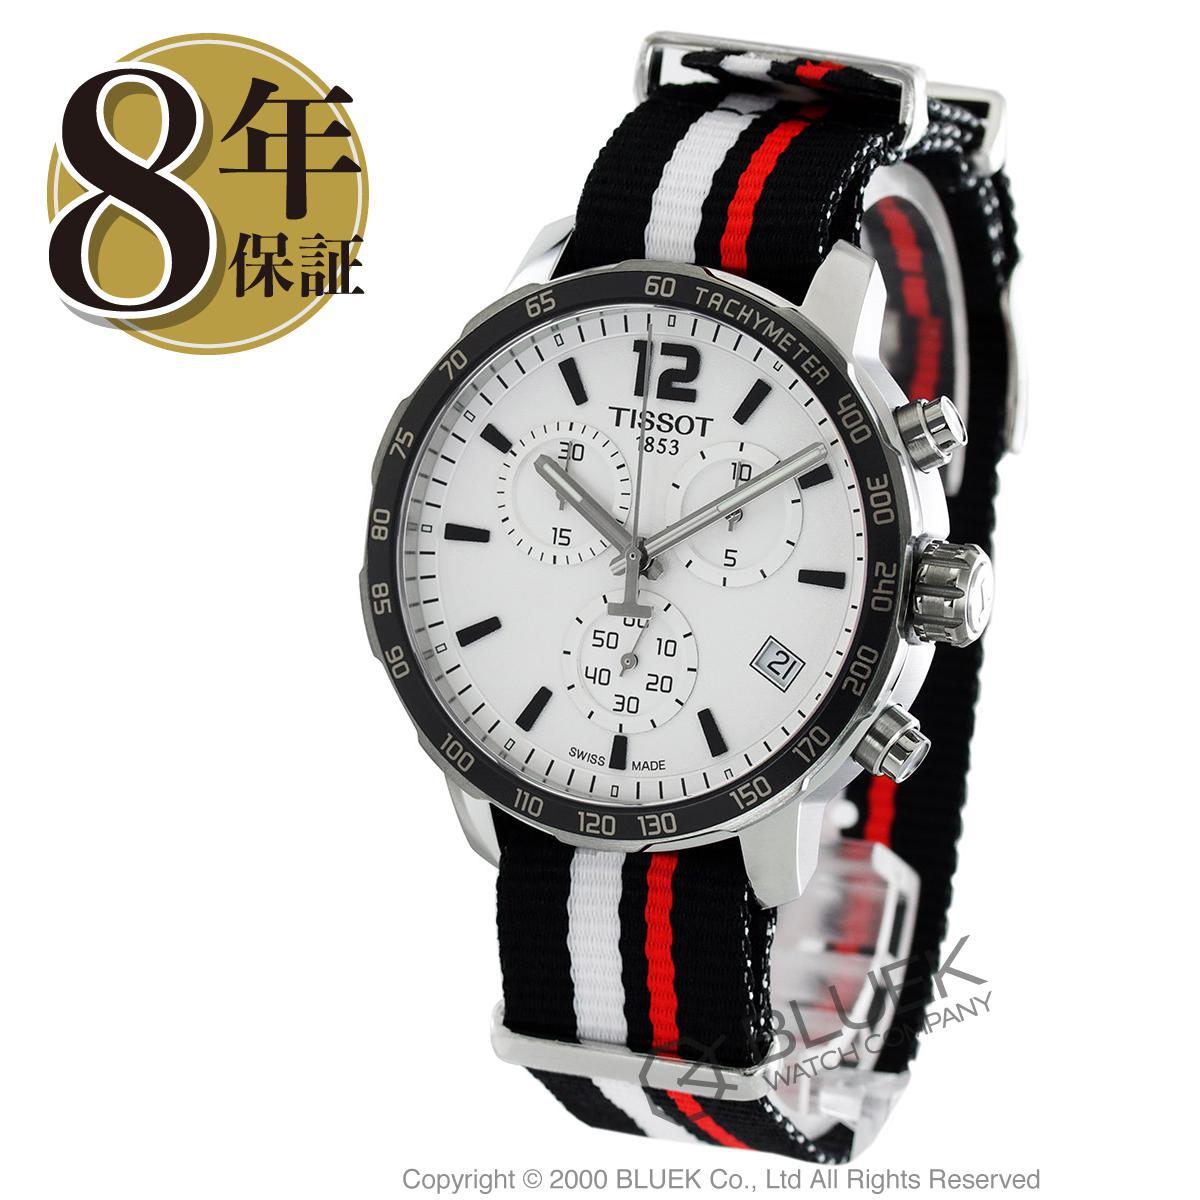 ティソ T-スポーツ クイックスター 替えベルト付き クロノグラフ 腕時計 メンズ TISSOT T095.417.17.037.01_8